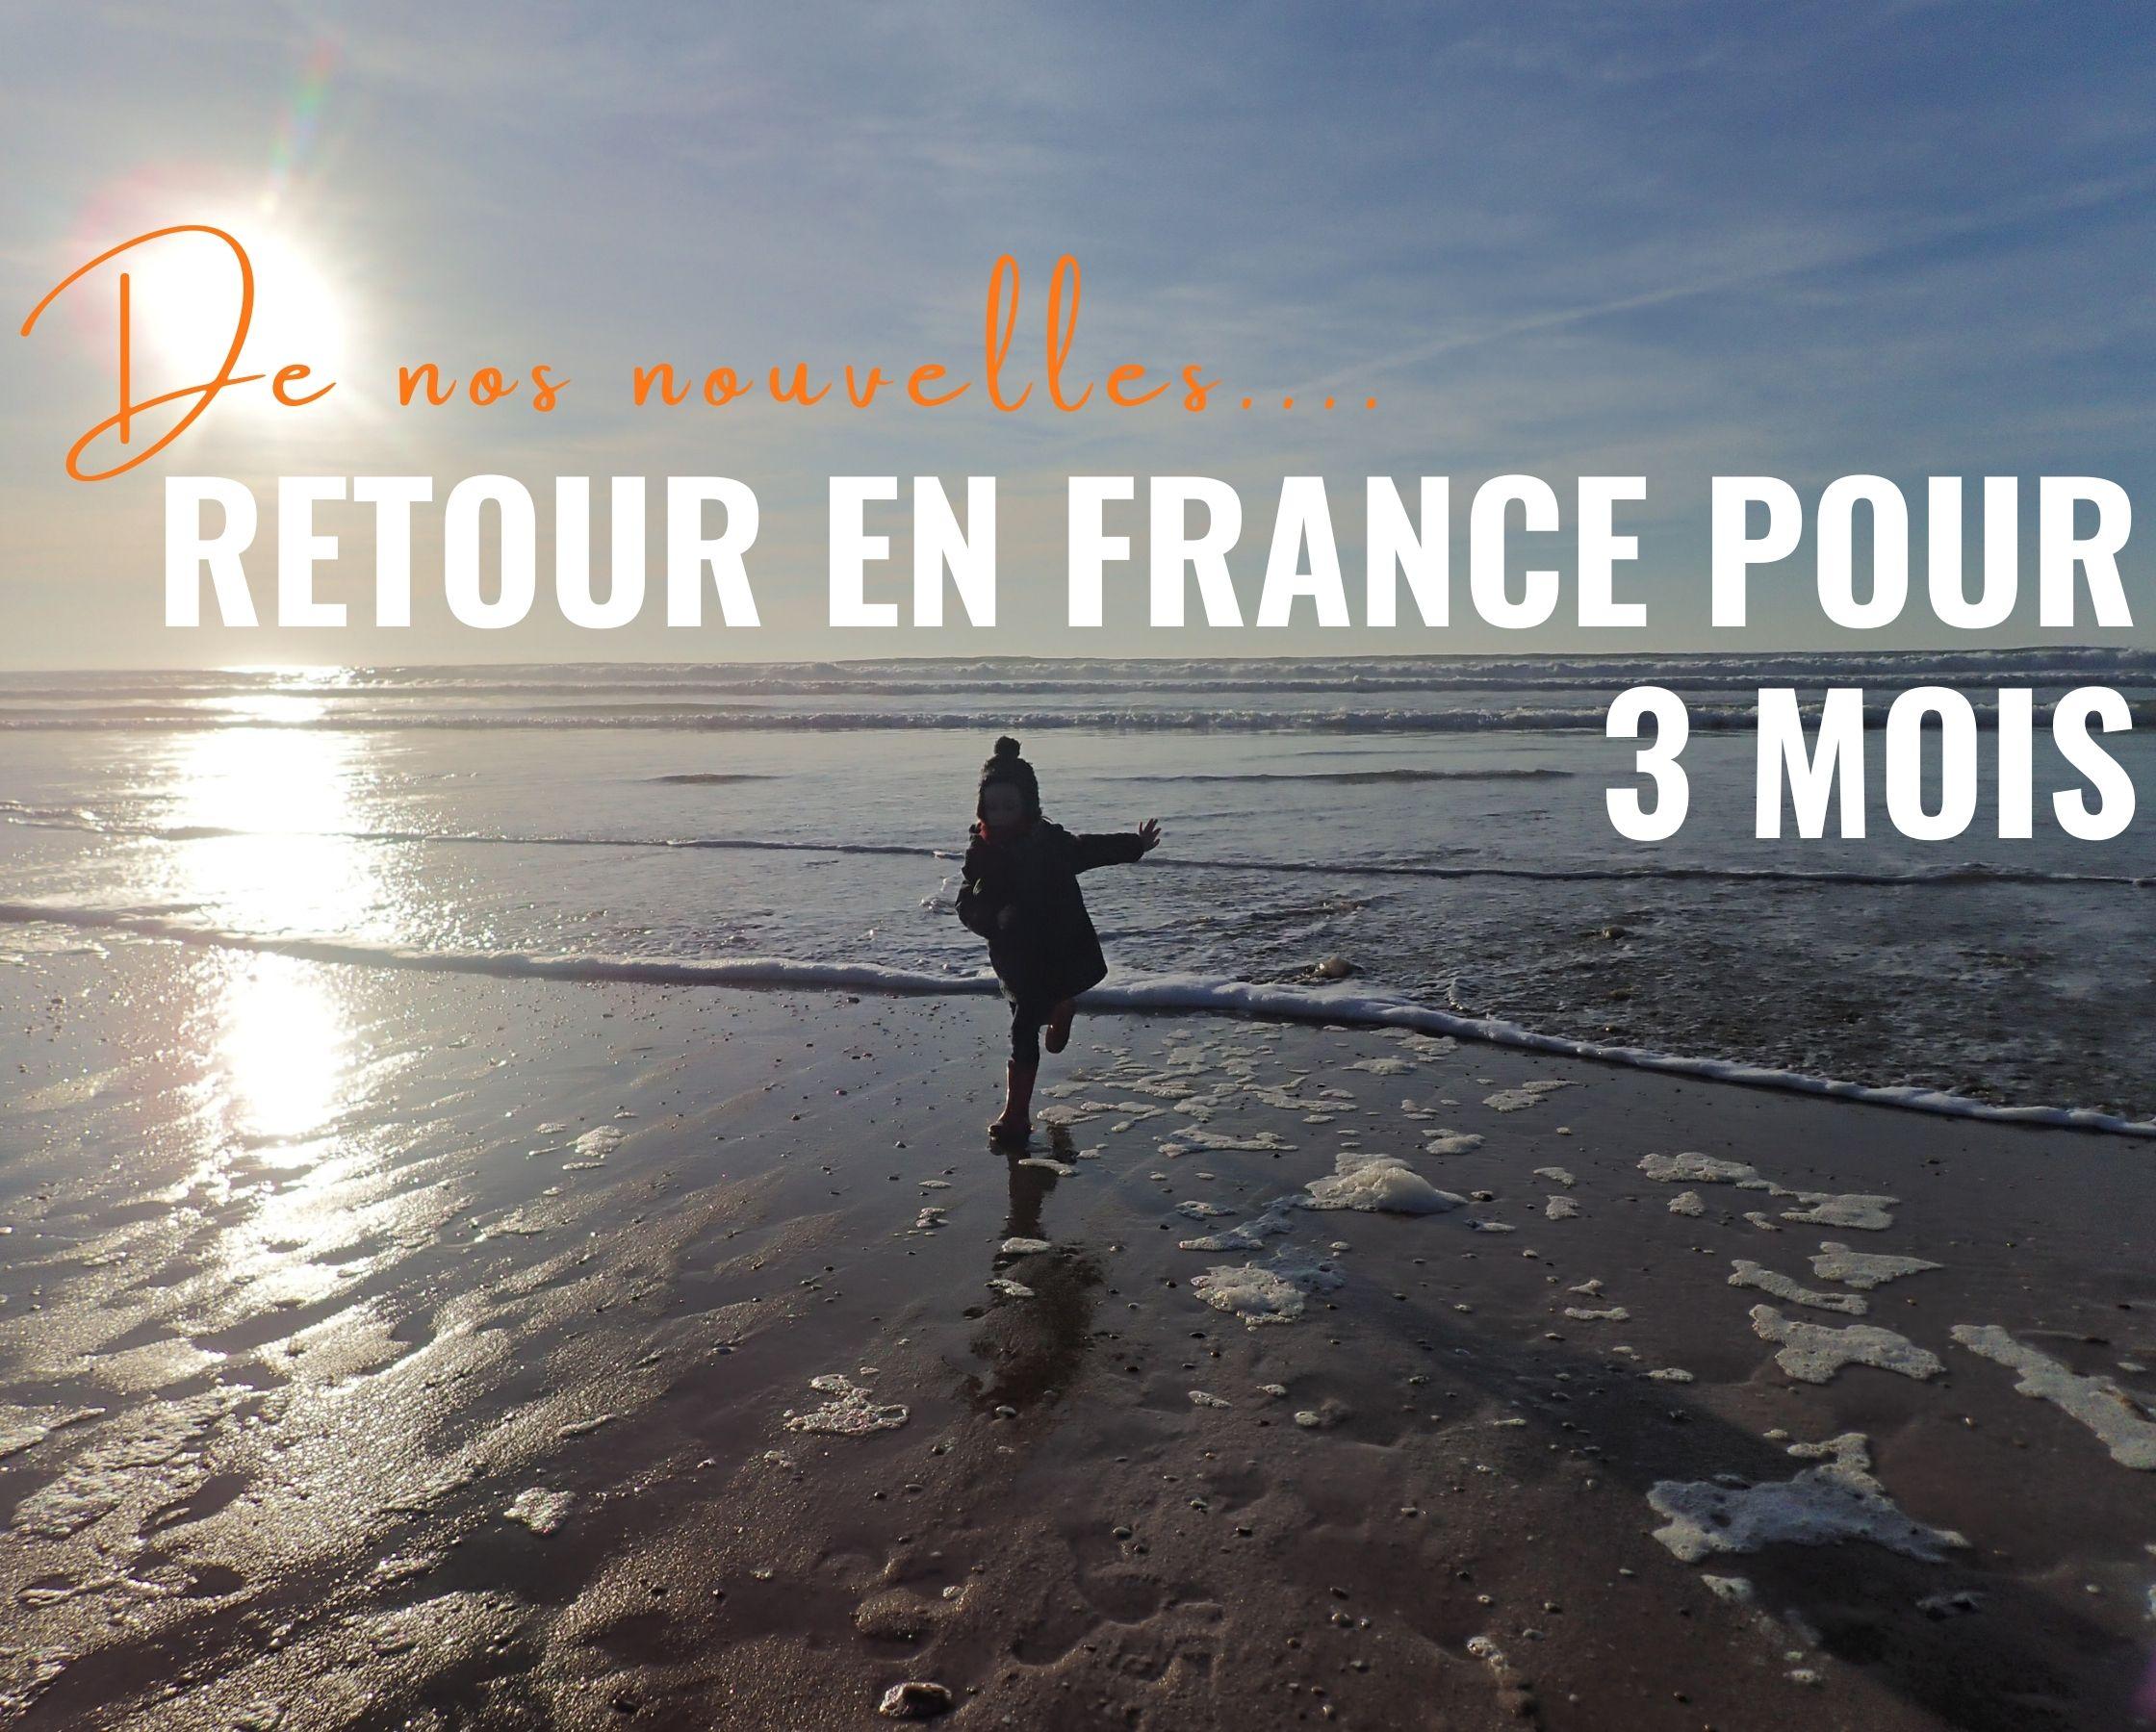 Retour en France pour 3 mois !